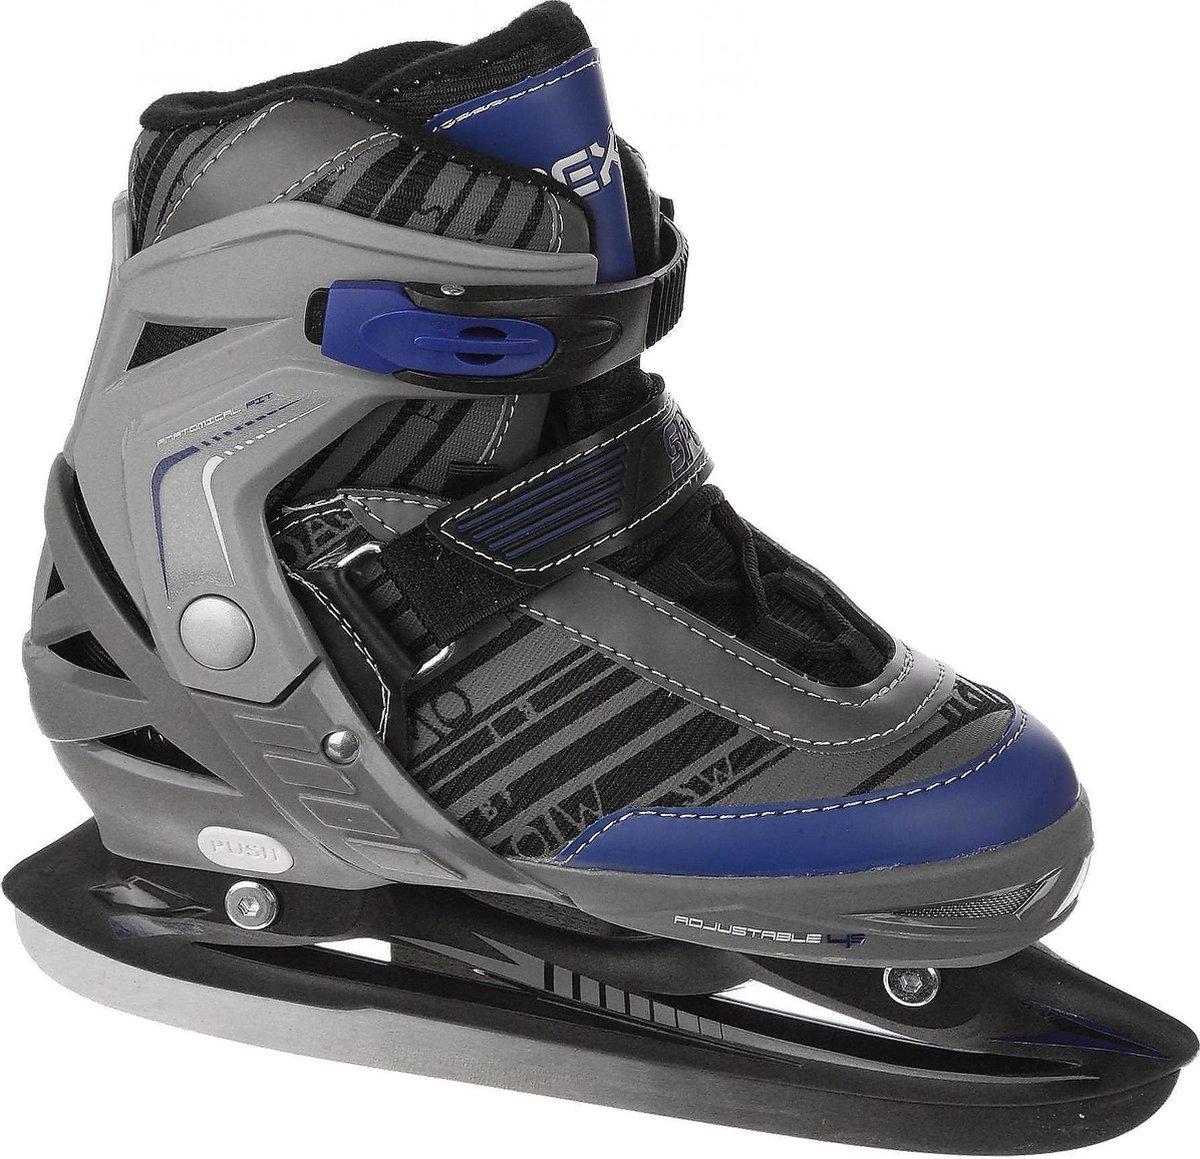 Spex Ice Ijshockeyschaatsen Zwart Kinderen